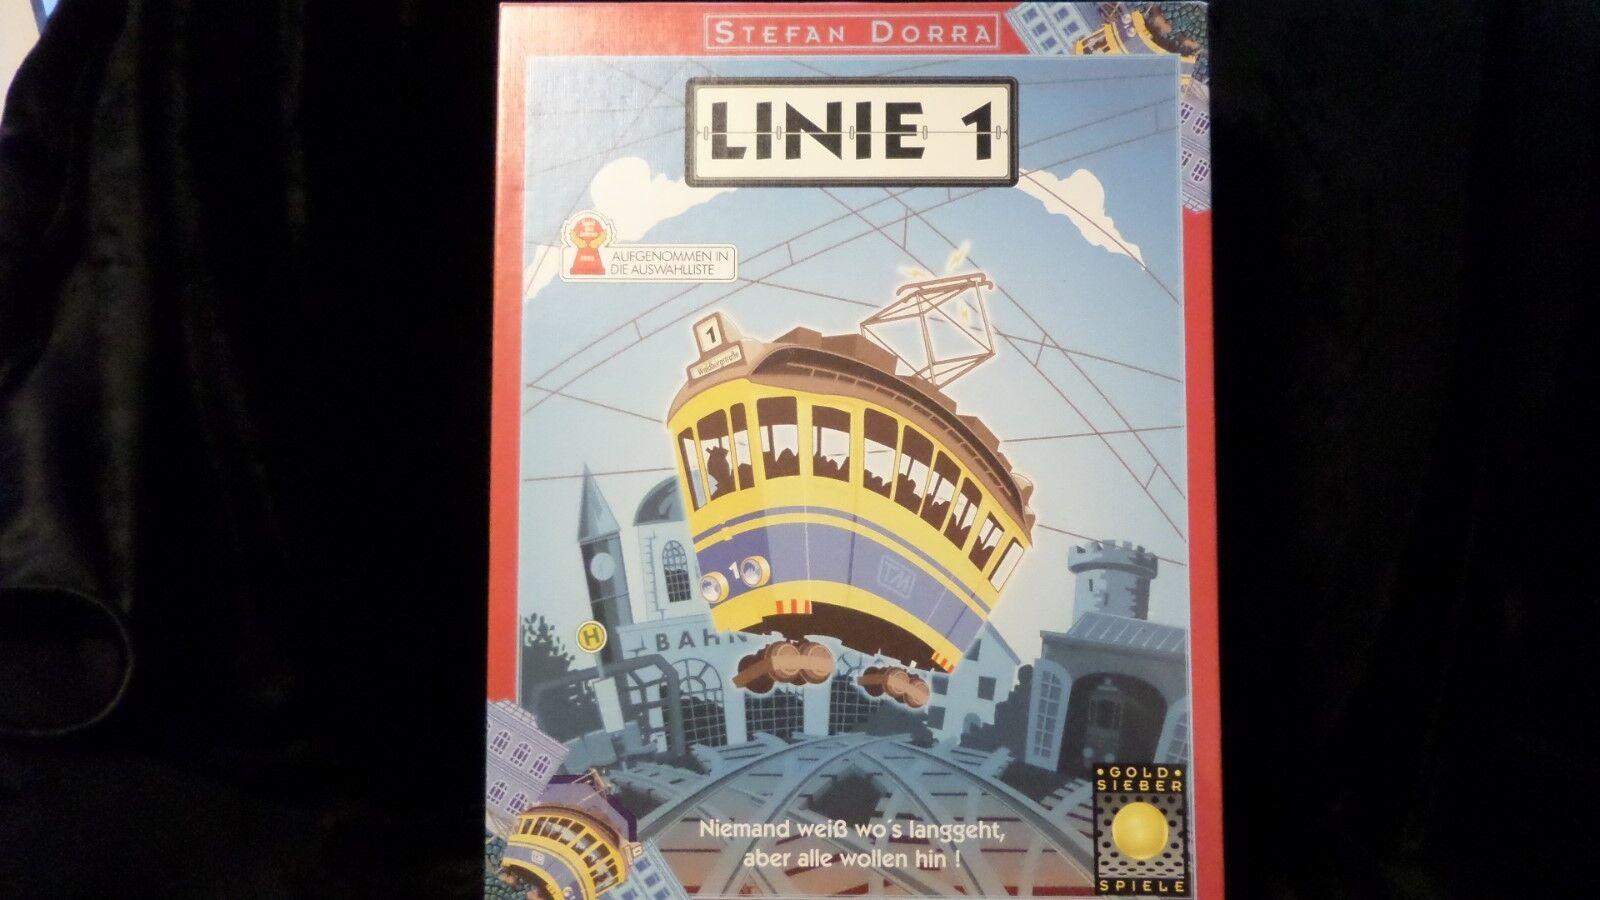 Die linie 1 - einfuhr von mayfair, trolley navigation spiel - siehe beschreibung & foto